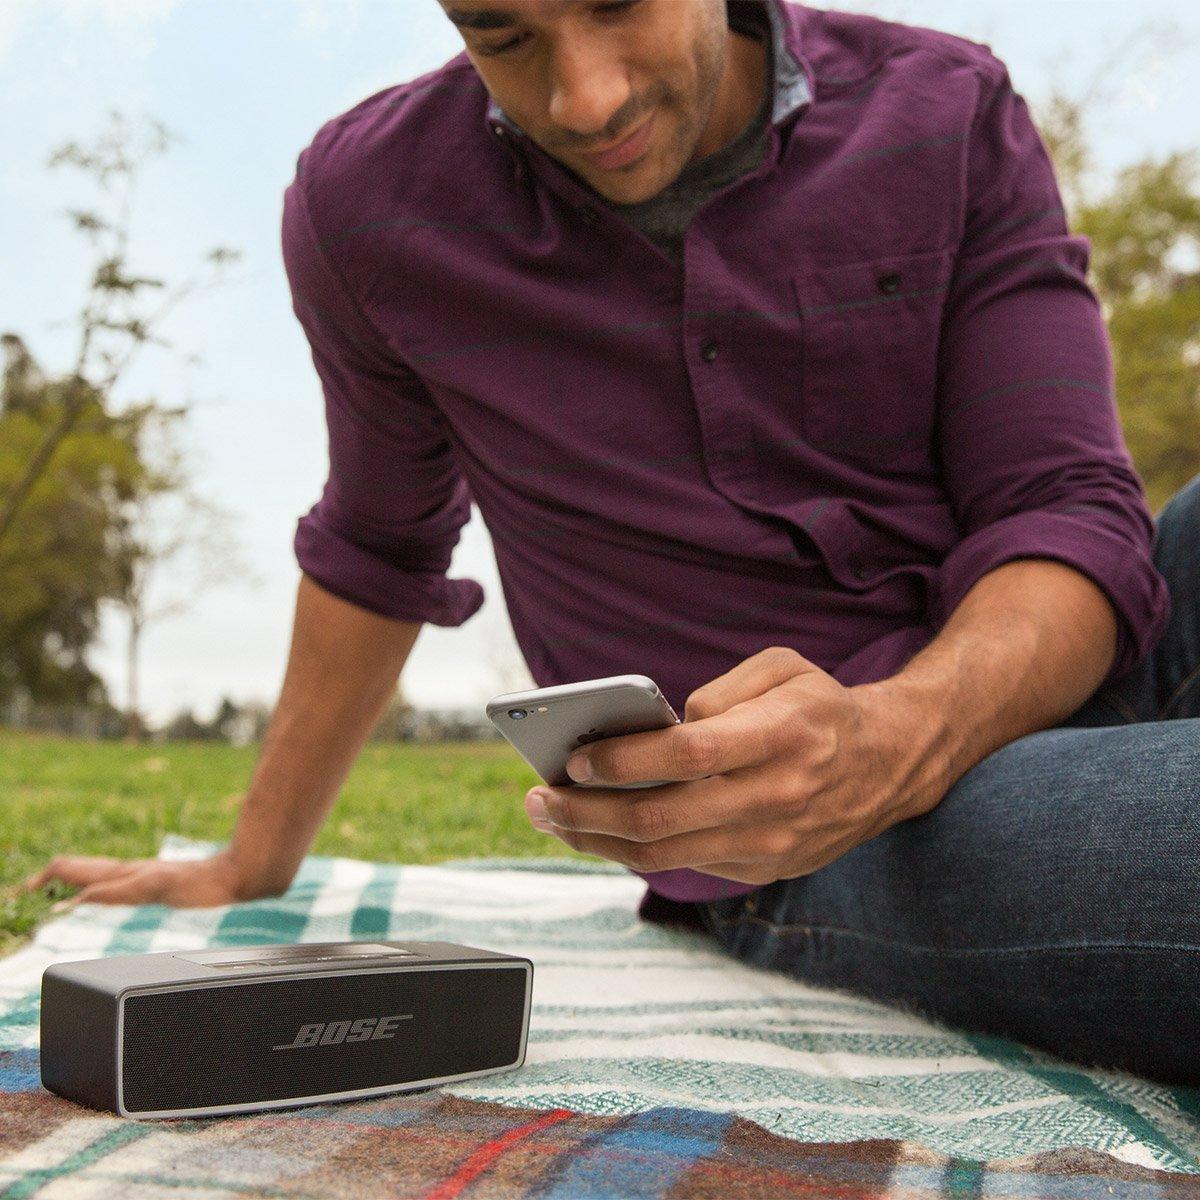 Altavoces inalambricos para móvil y pc wifi o bluetooth 2016, mejor precio, LG, Anker, Sony, Bose, Philips